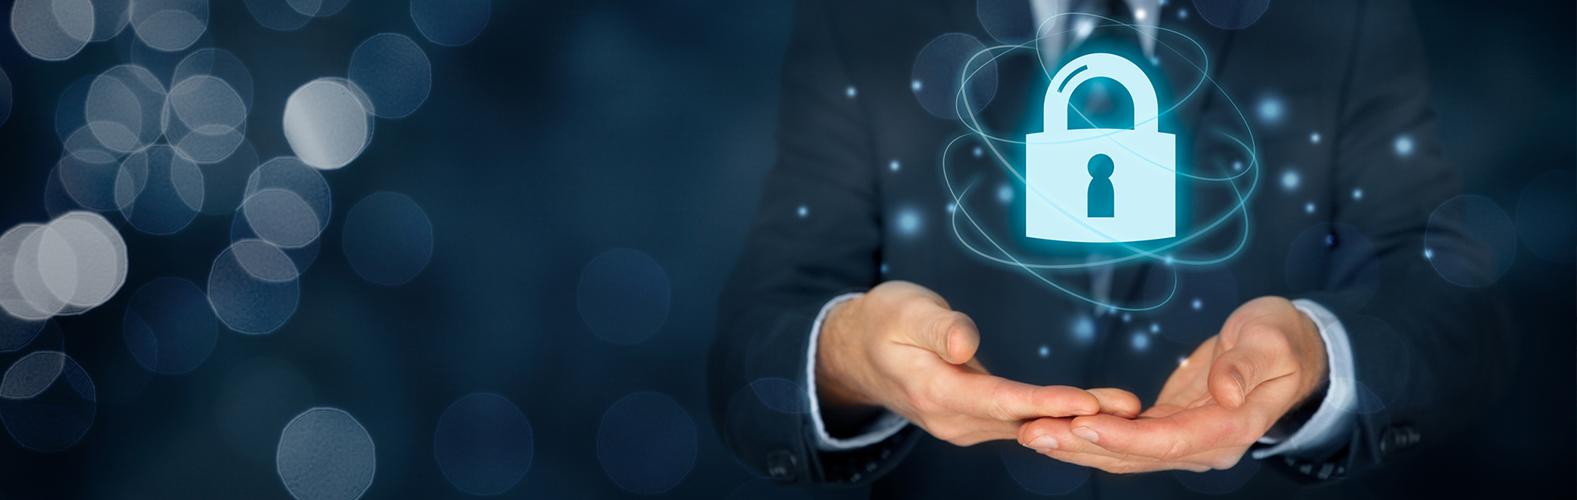 Sécurité informatique des entreprises : comment se protéger ?